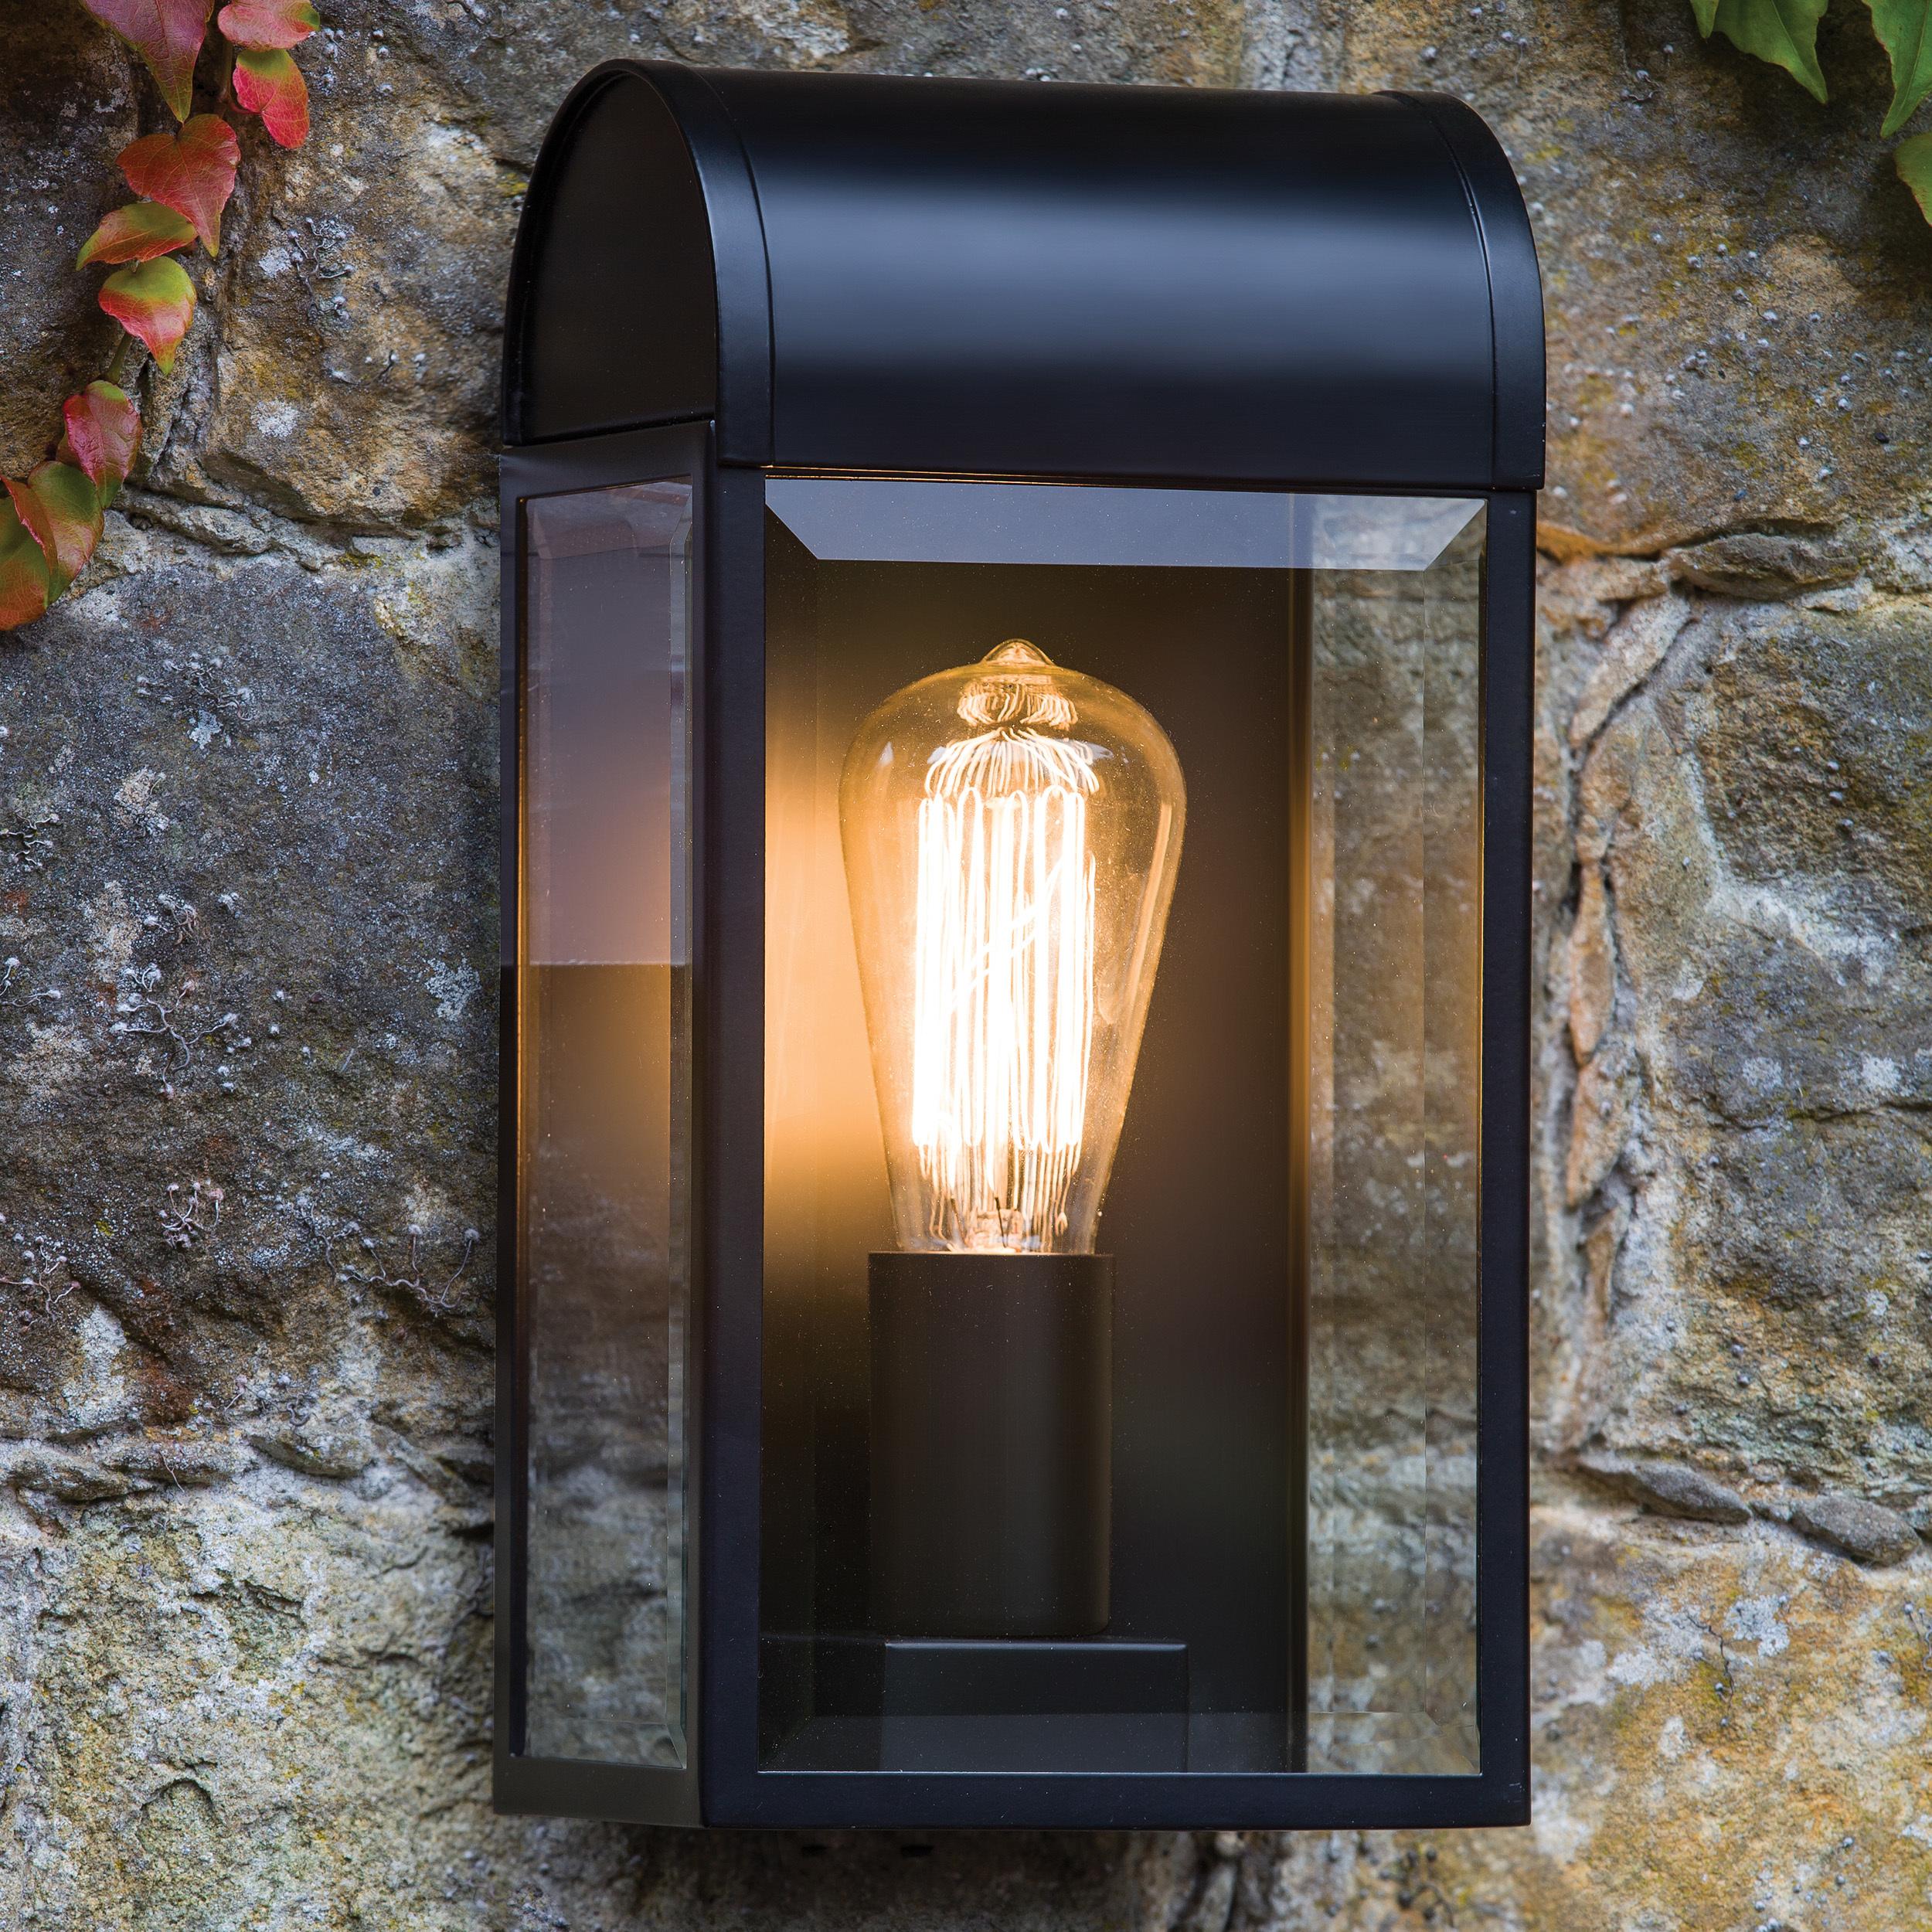 Настенный светильник Astro Newbury 1339002 (7863), IP44, 1xE27x60W, никель, прозрачный, стекло - фото 2